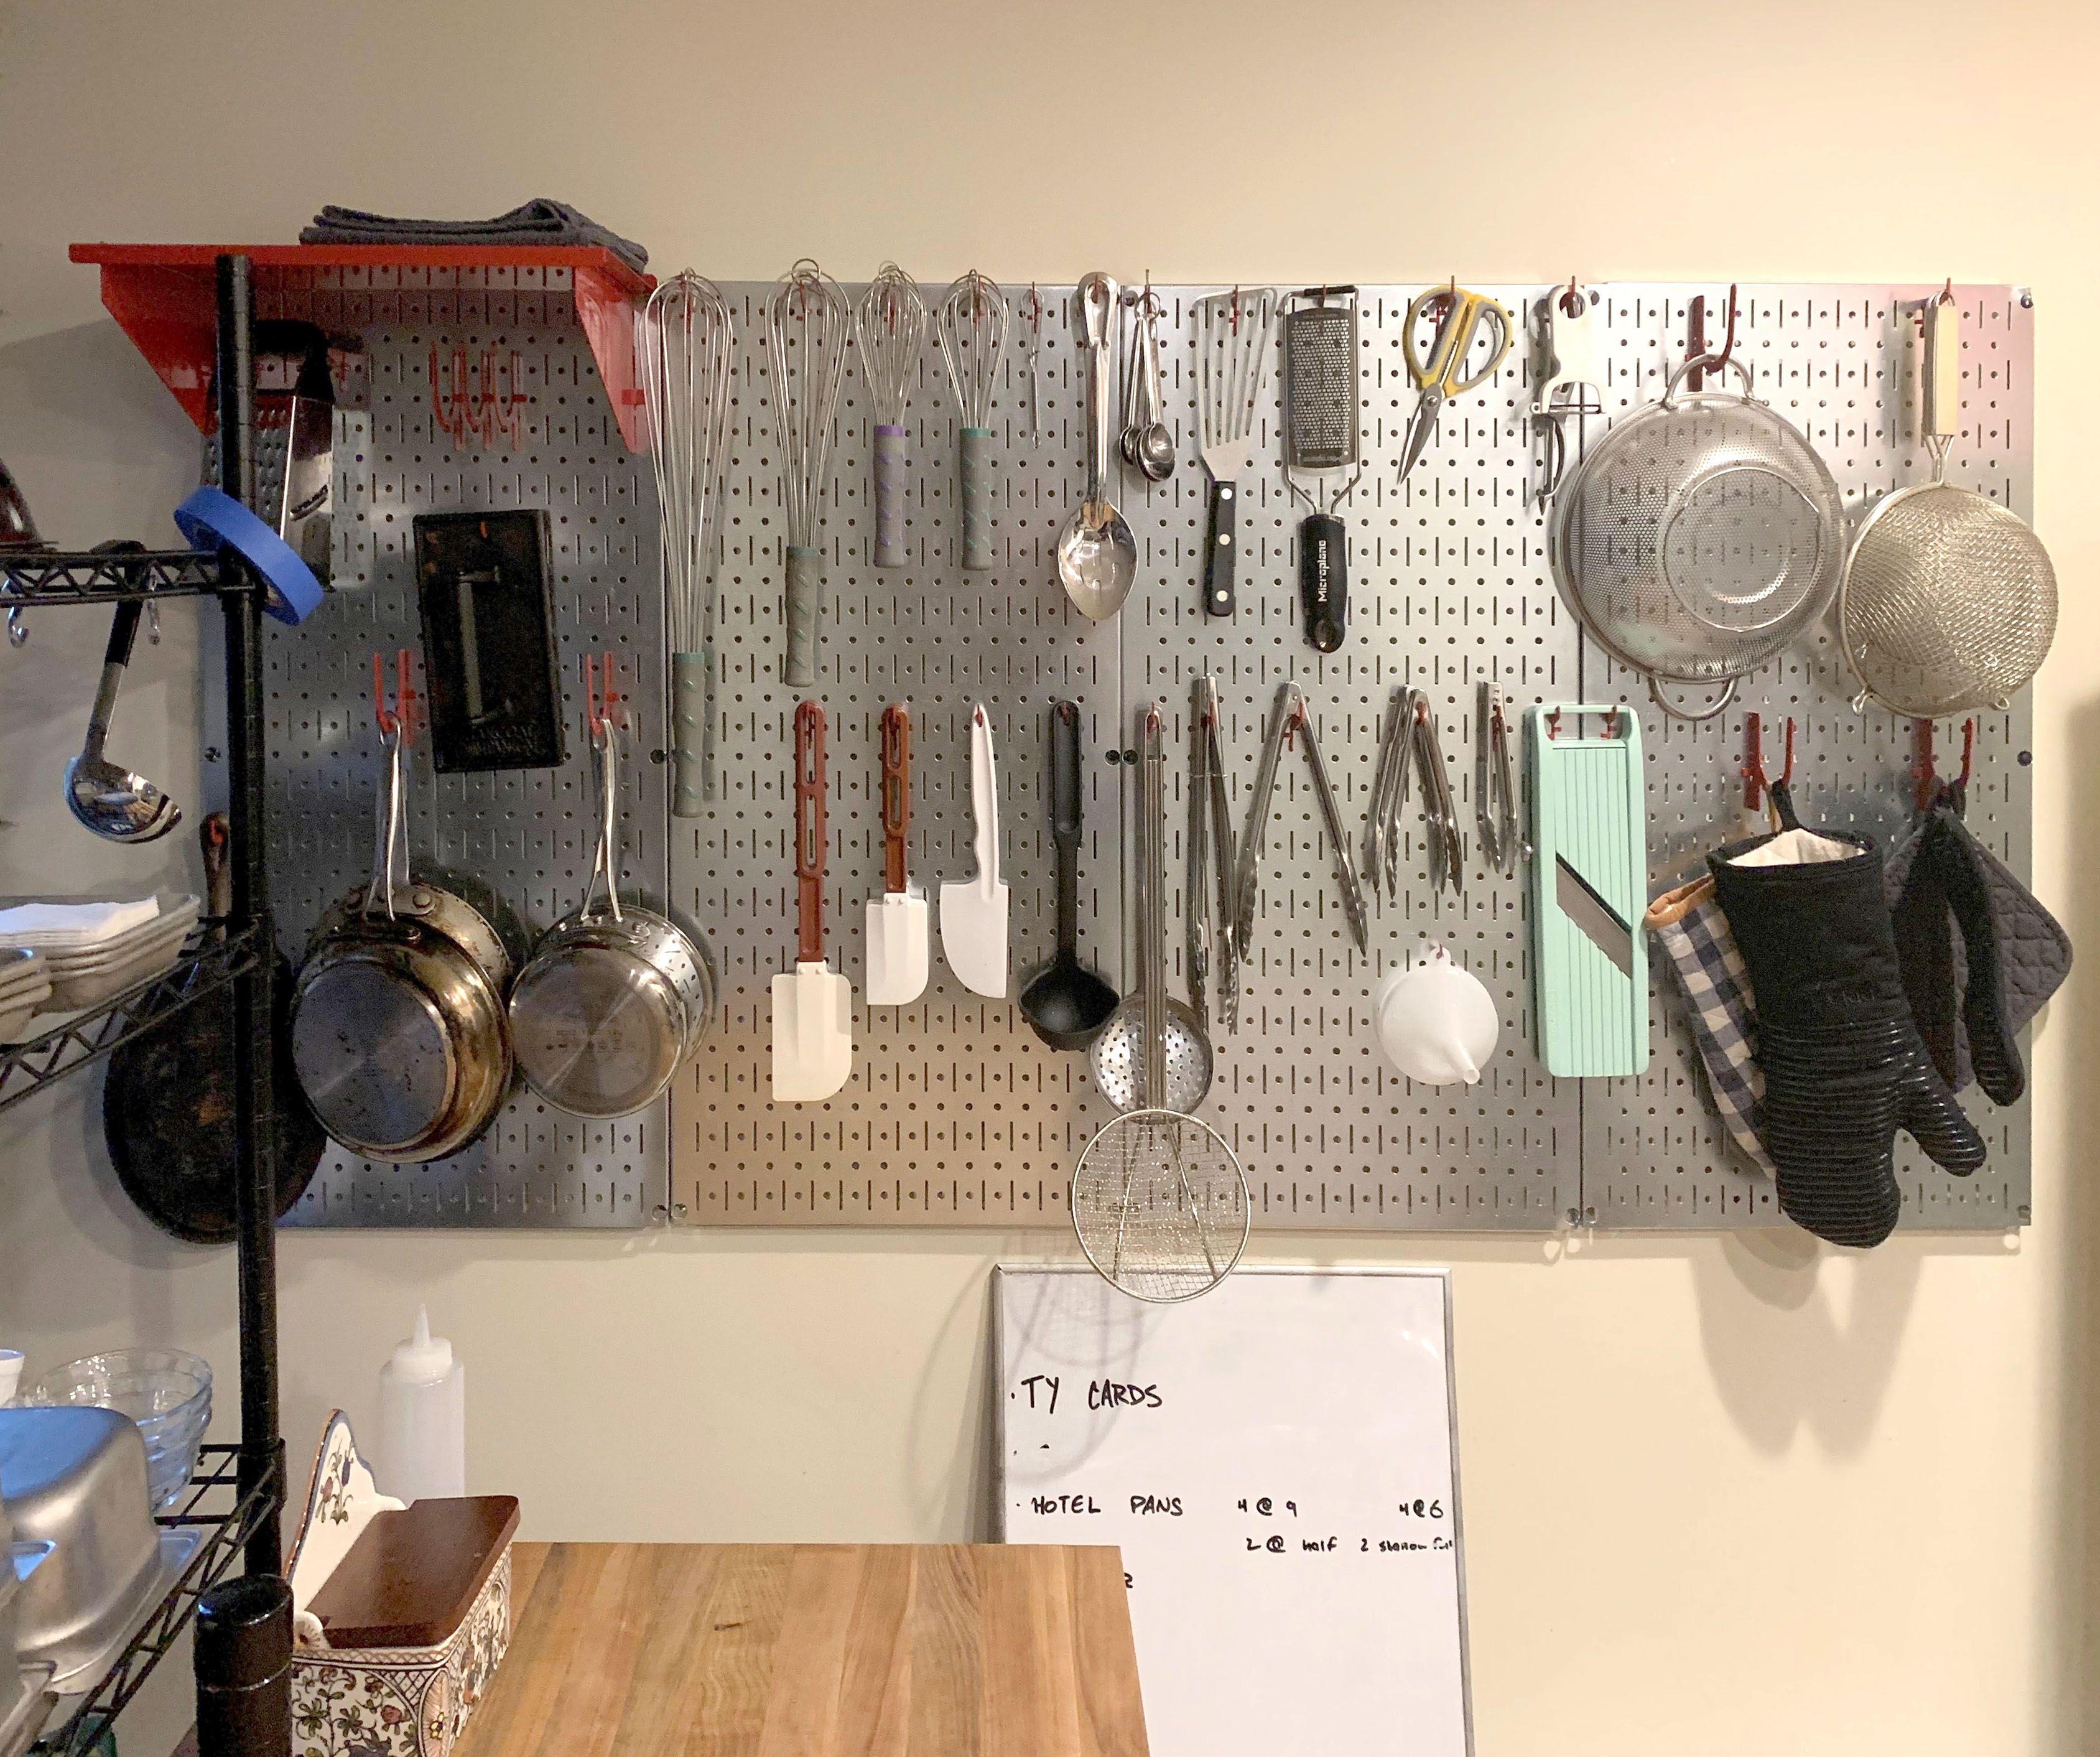 67 Kitchen Pegboard Ideas In 2021 Pegboard Kitchen Peg Board Metal Pegboard